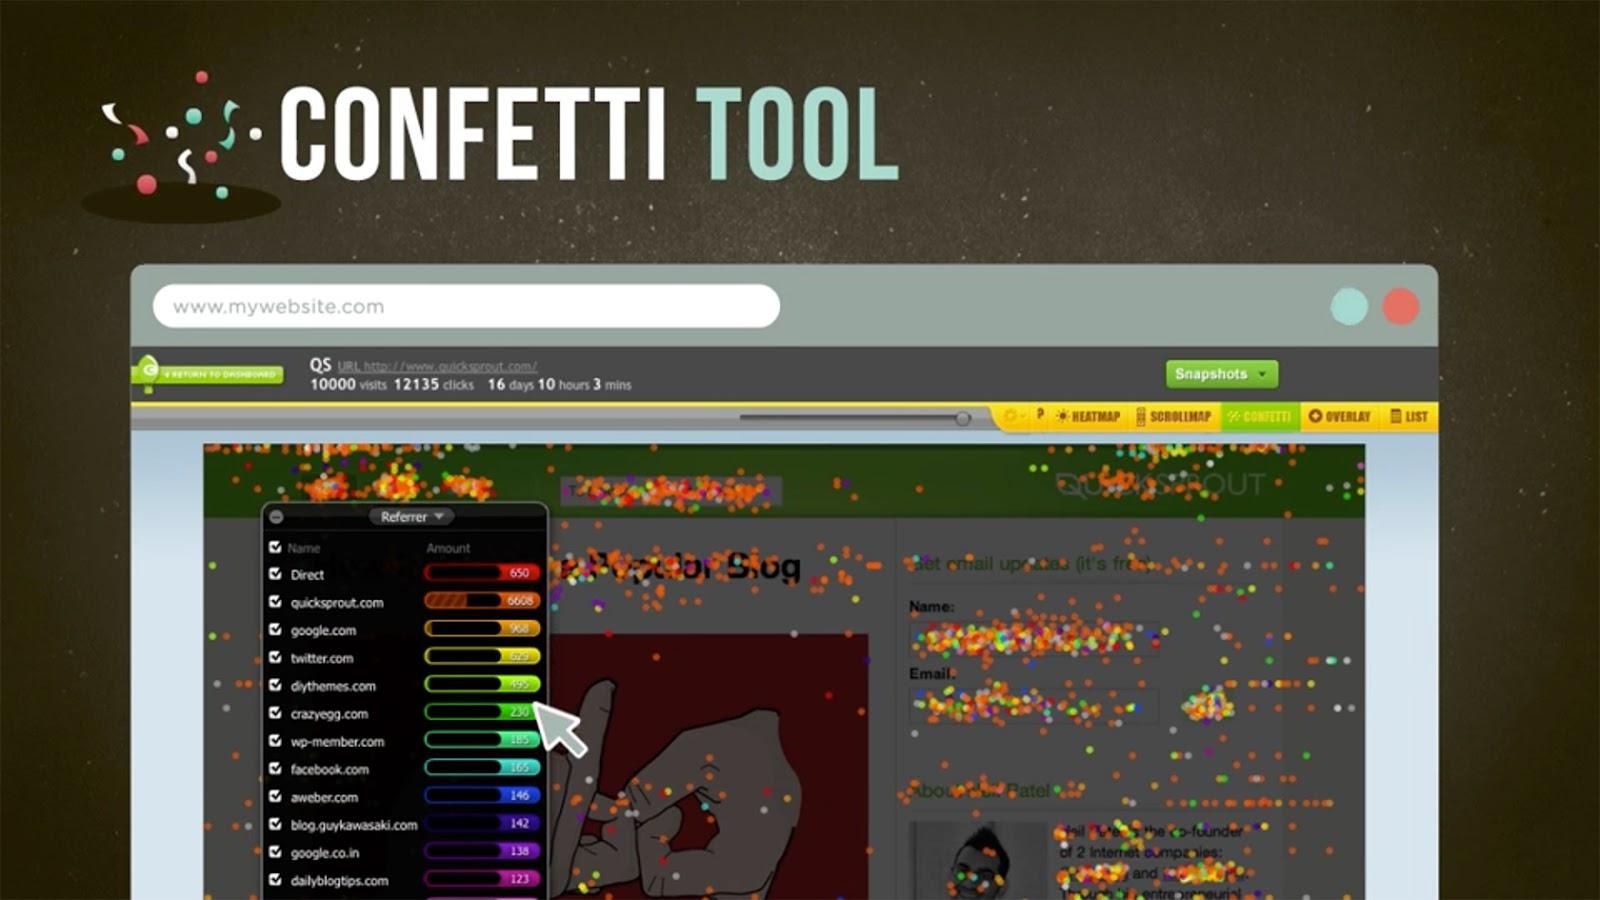 Imagen de la herramienta Confetti de CrazyEgg